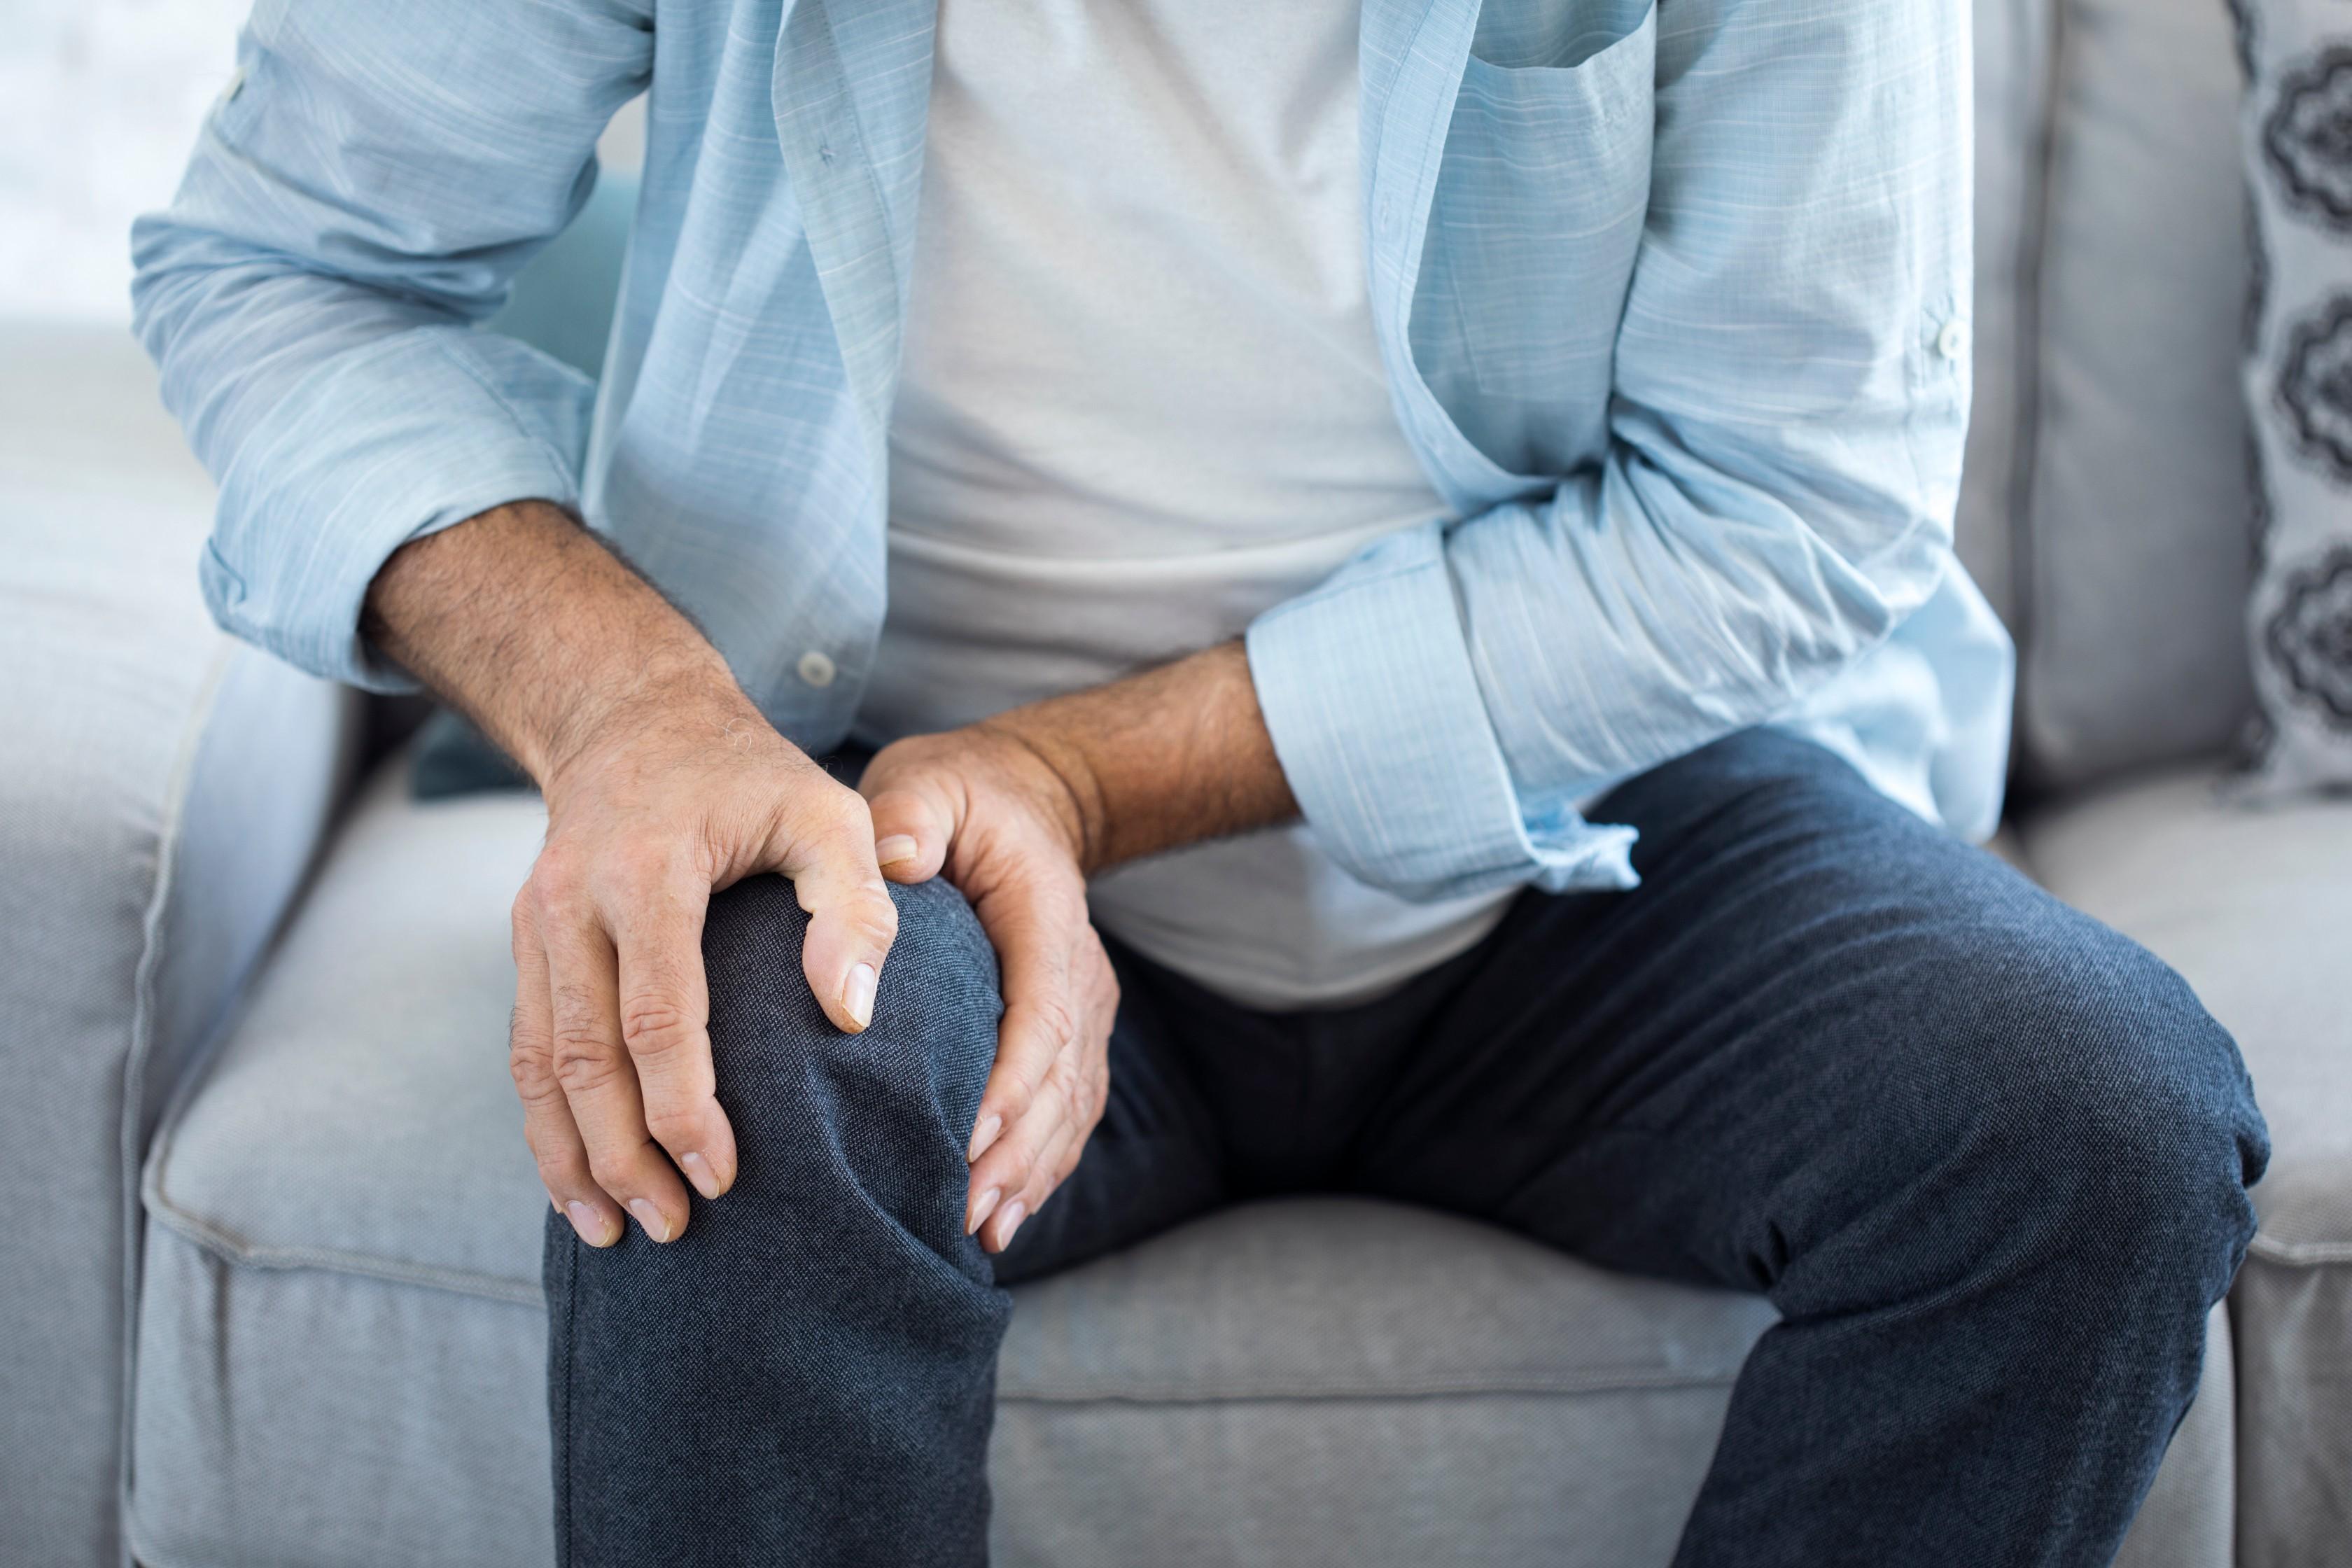 ízületi fájdalom, mit jelent a kezelés)